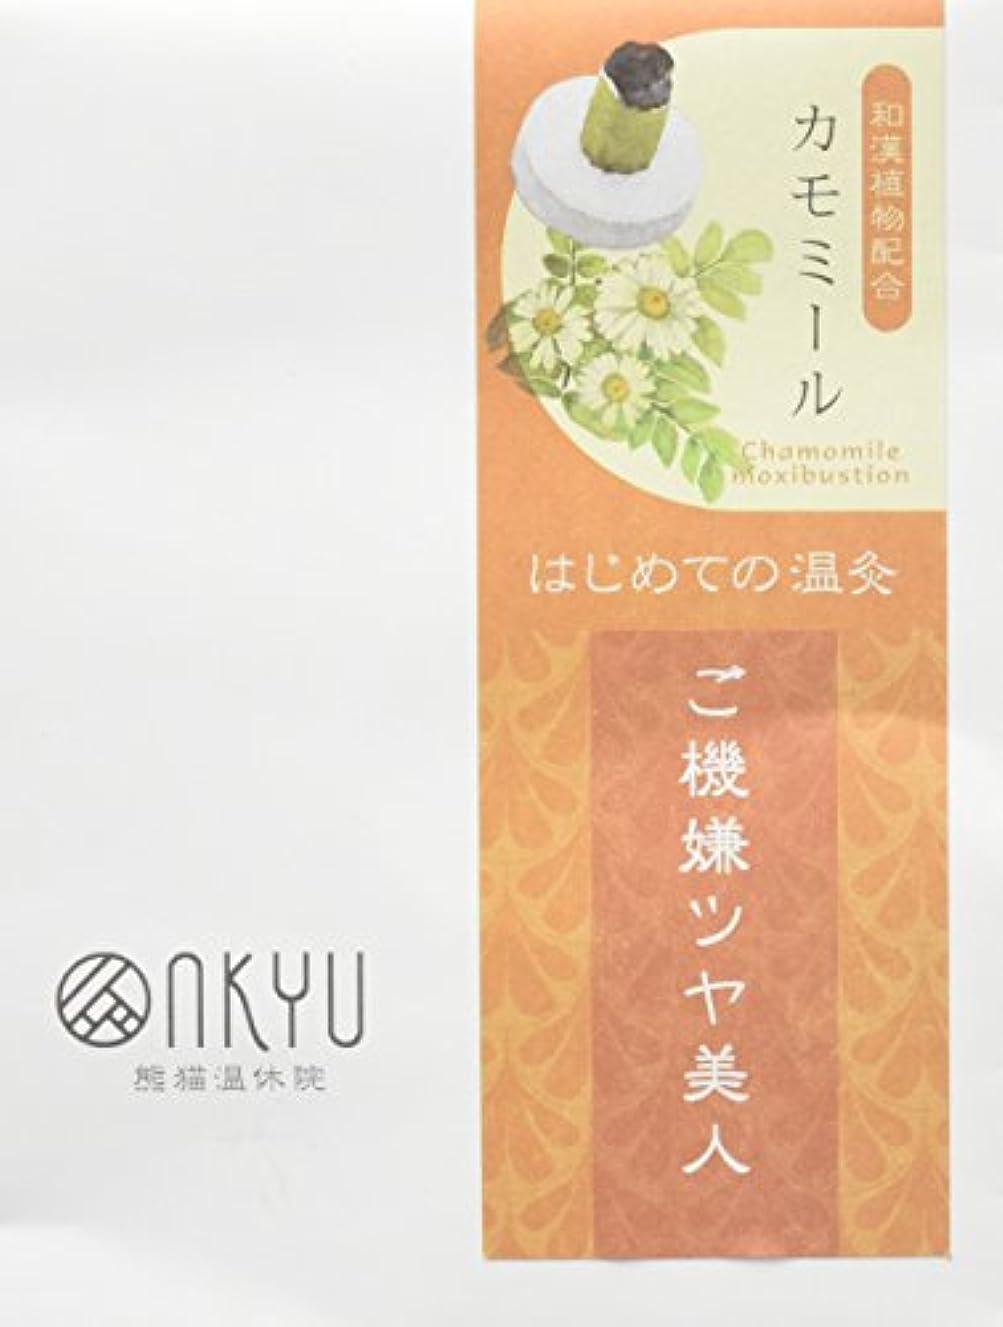 ピービッシュ形成不正和漢植物配合 温灸 カモミールの温灸10粒